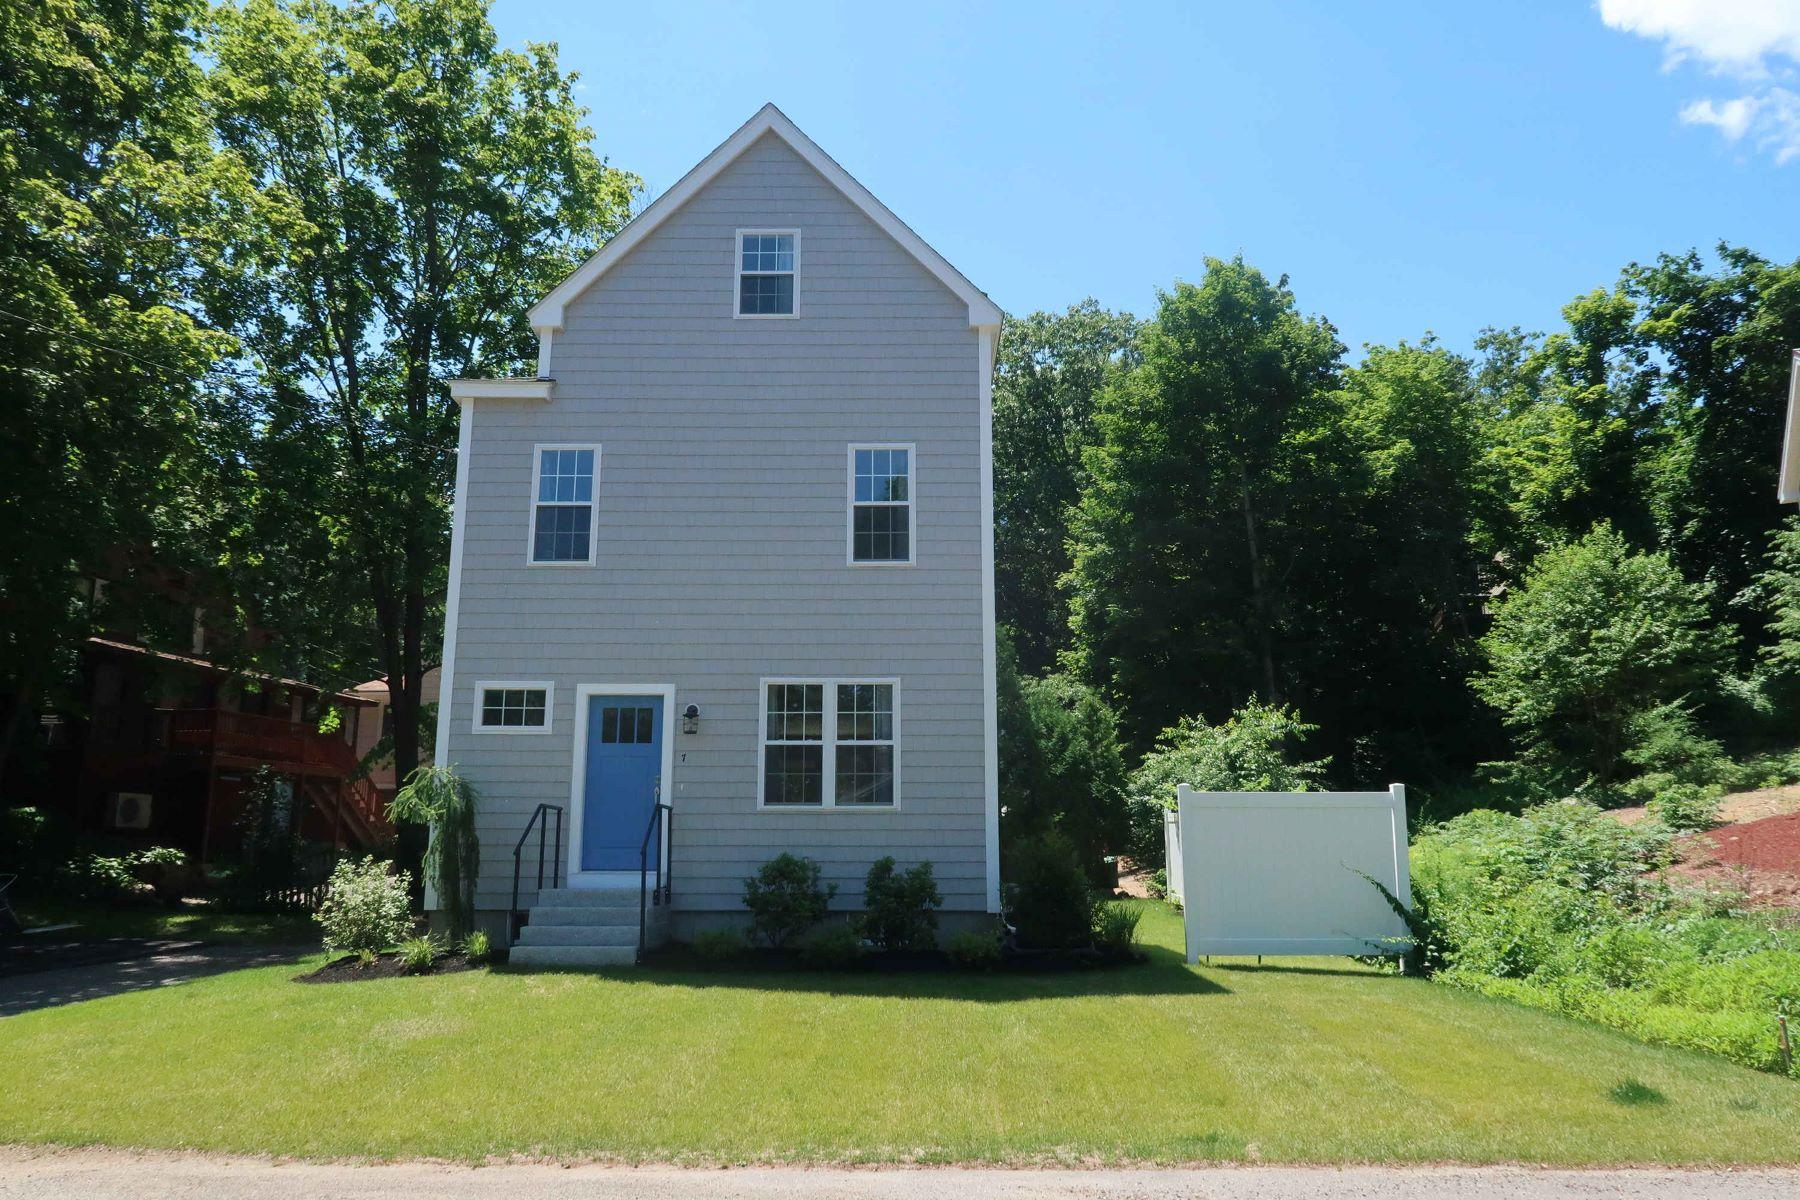 Single Family Homes للـ Sale في Stunning Multi-level Home by Ogunquit Beach 7 Dana Road, Ogunquit, Maine 03907 United States